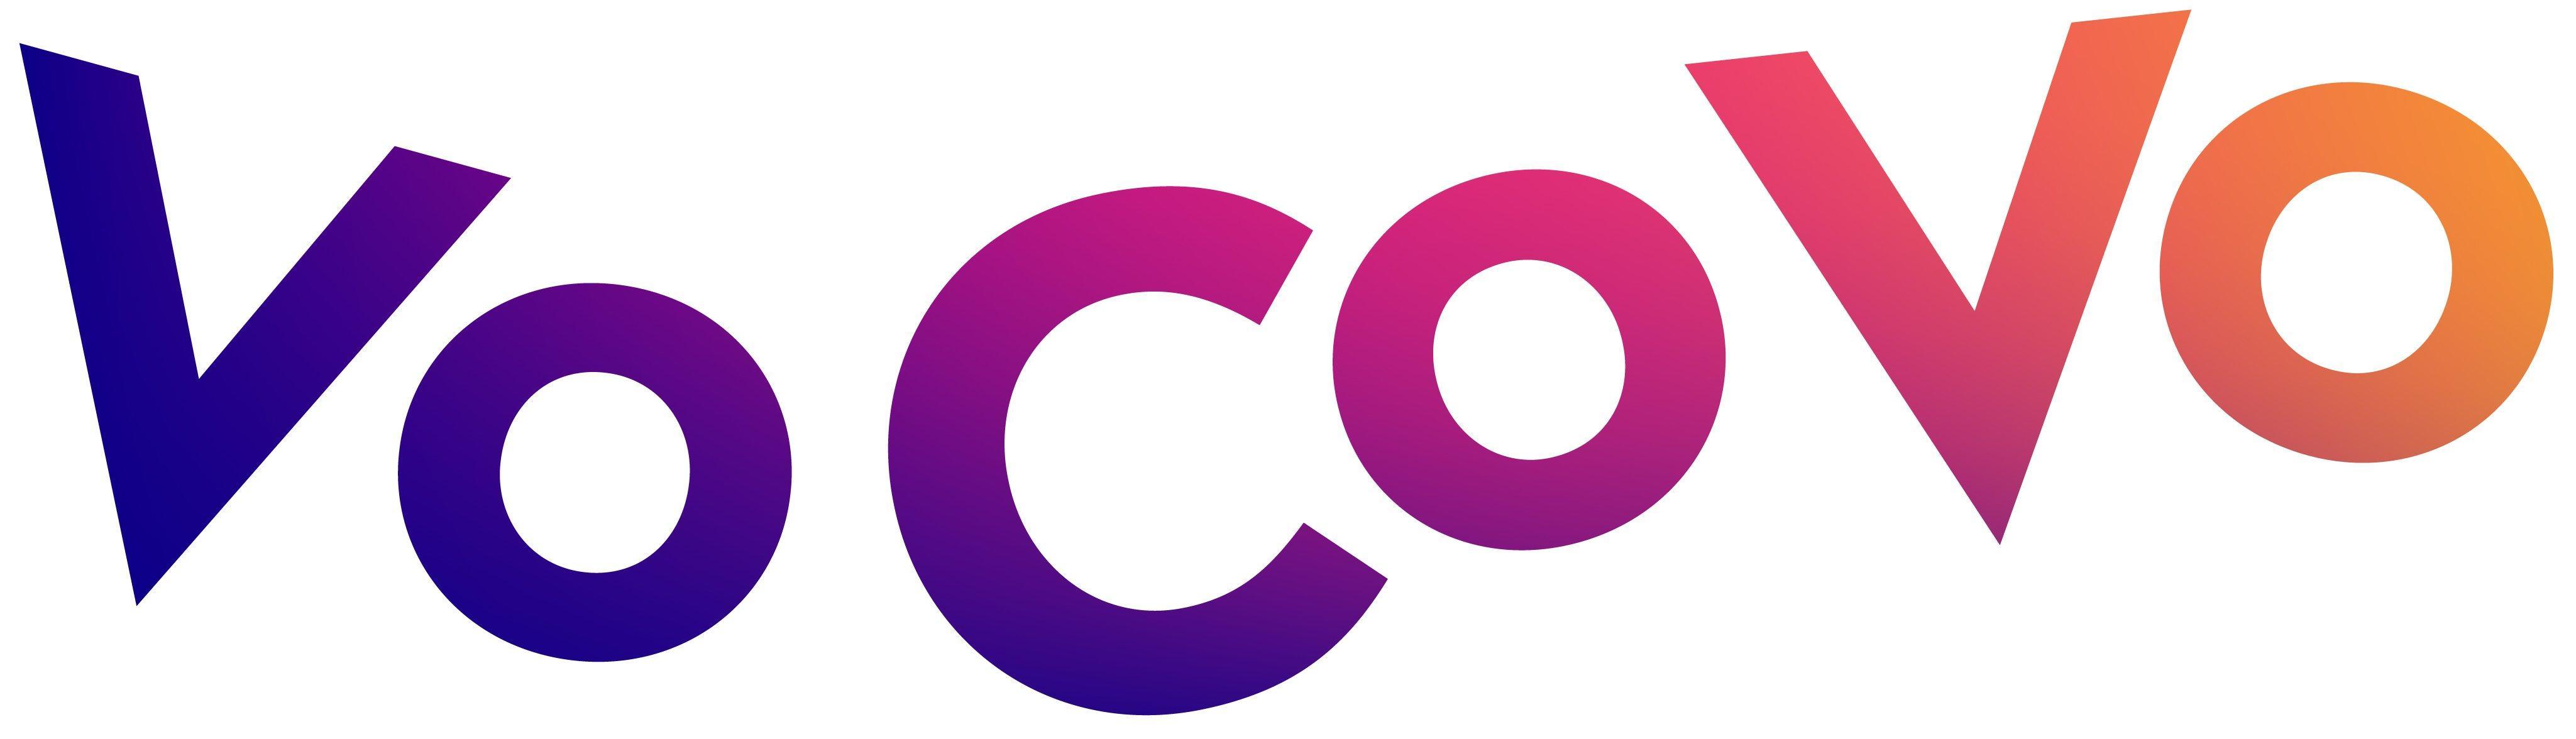 VoCoVo company logo